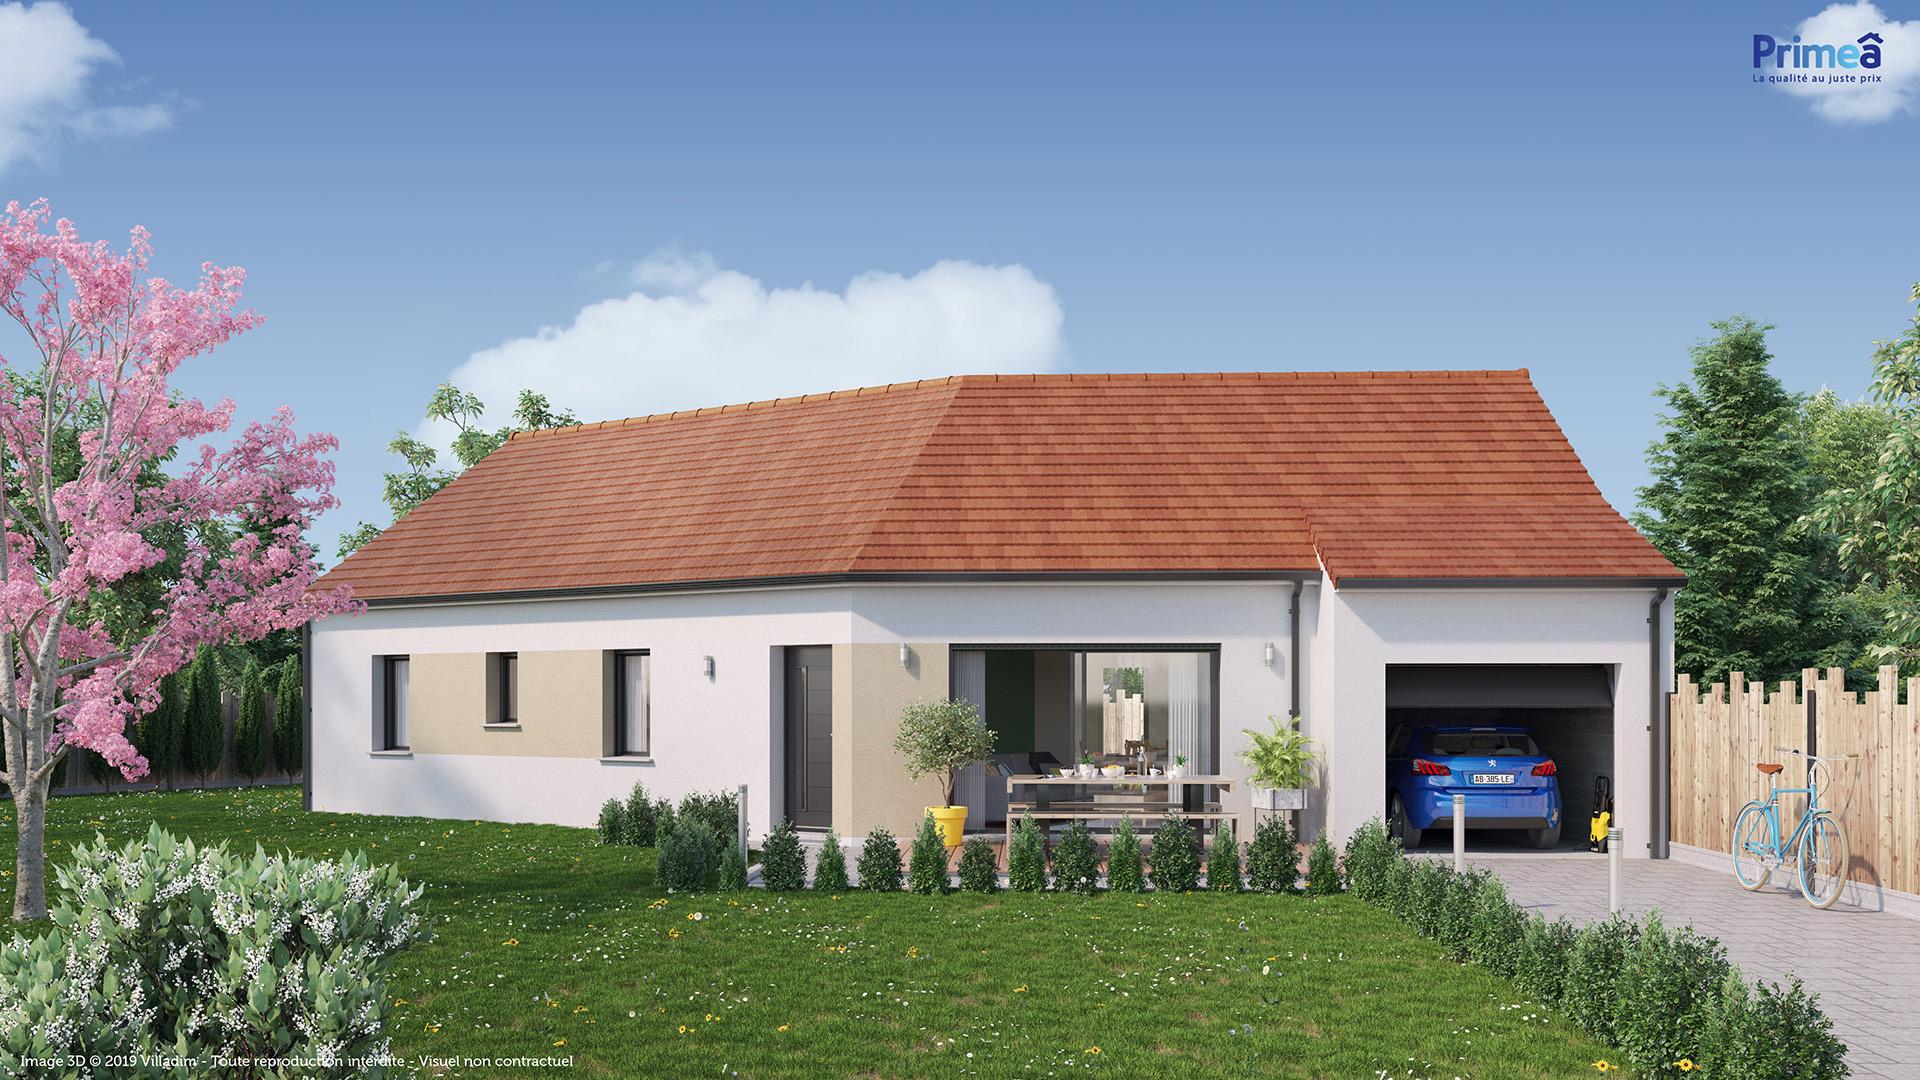 Maison à vendre à Thorey-sous-Charny